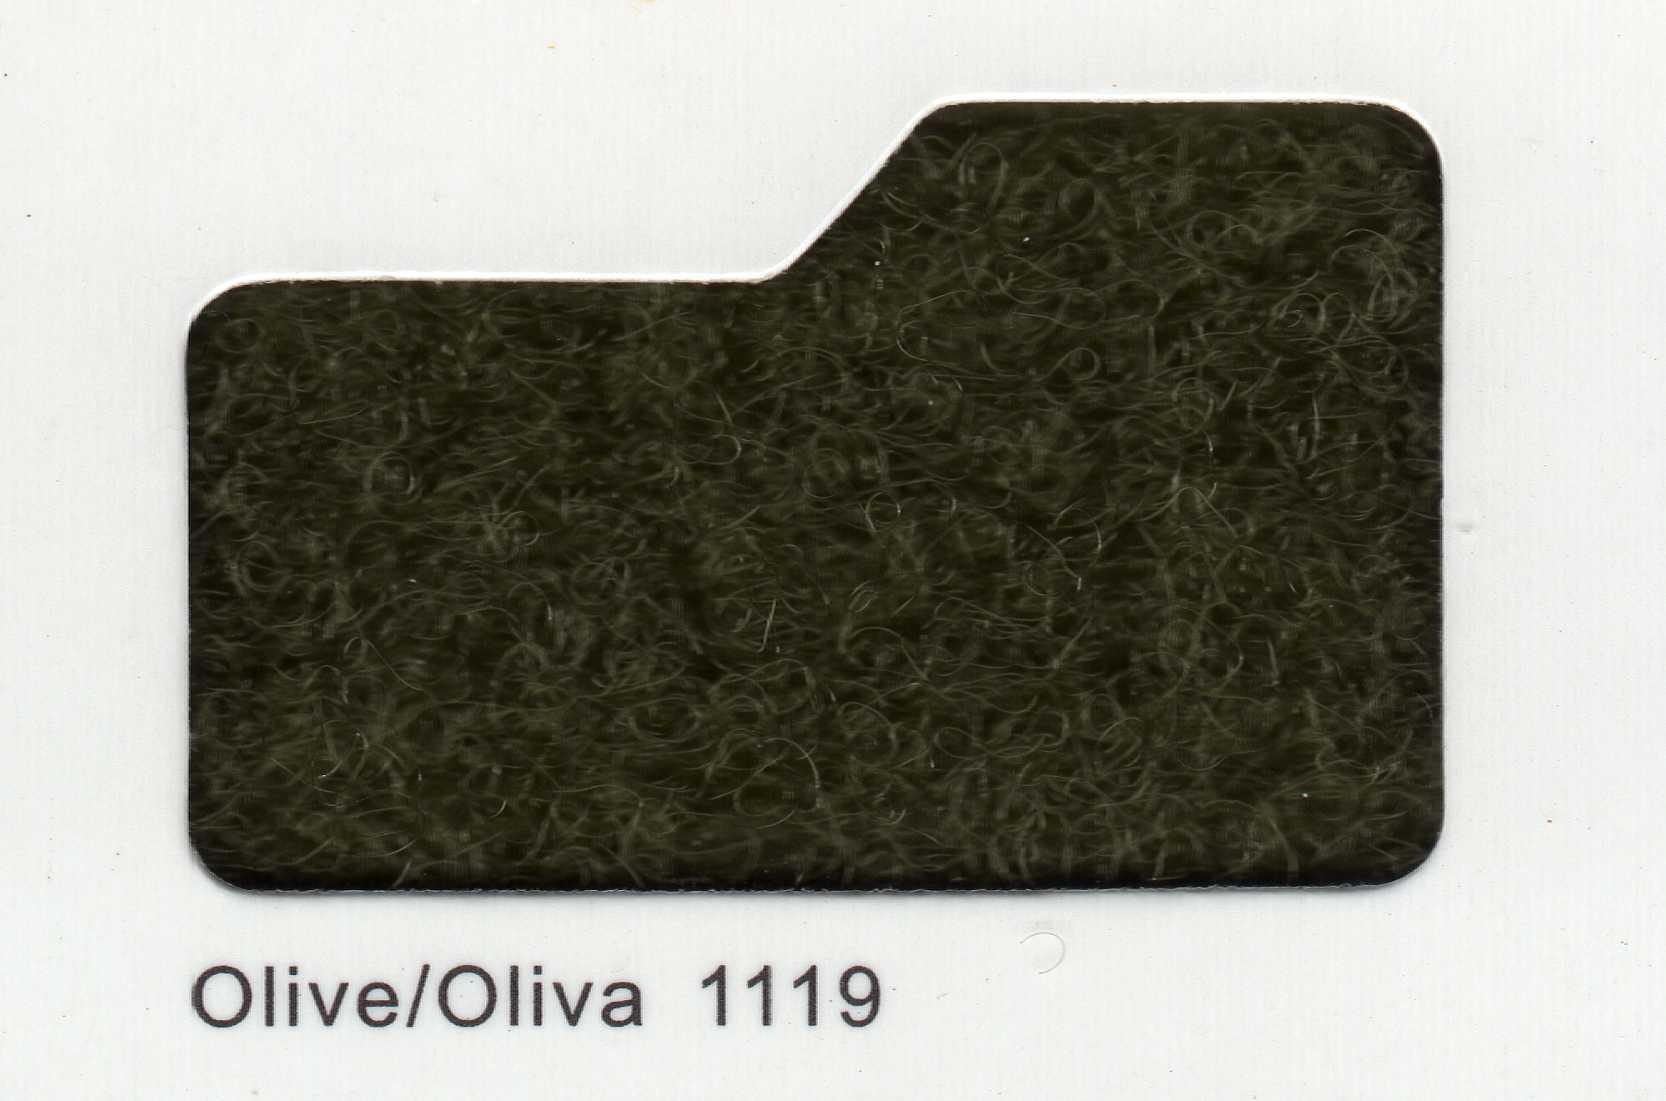 Cinta de cierre Velcro-Veraco 50mm Oliva 1119 (Gancho).